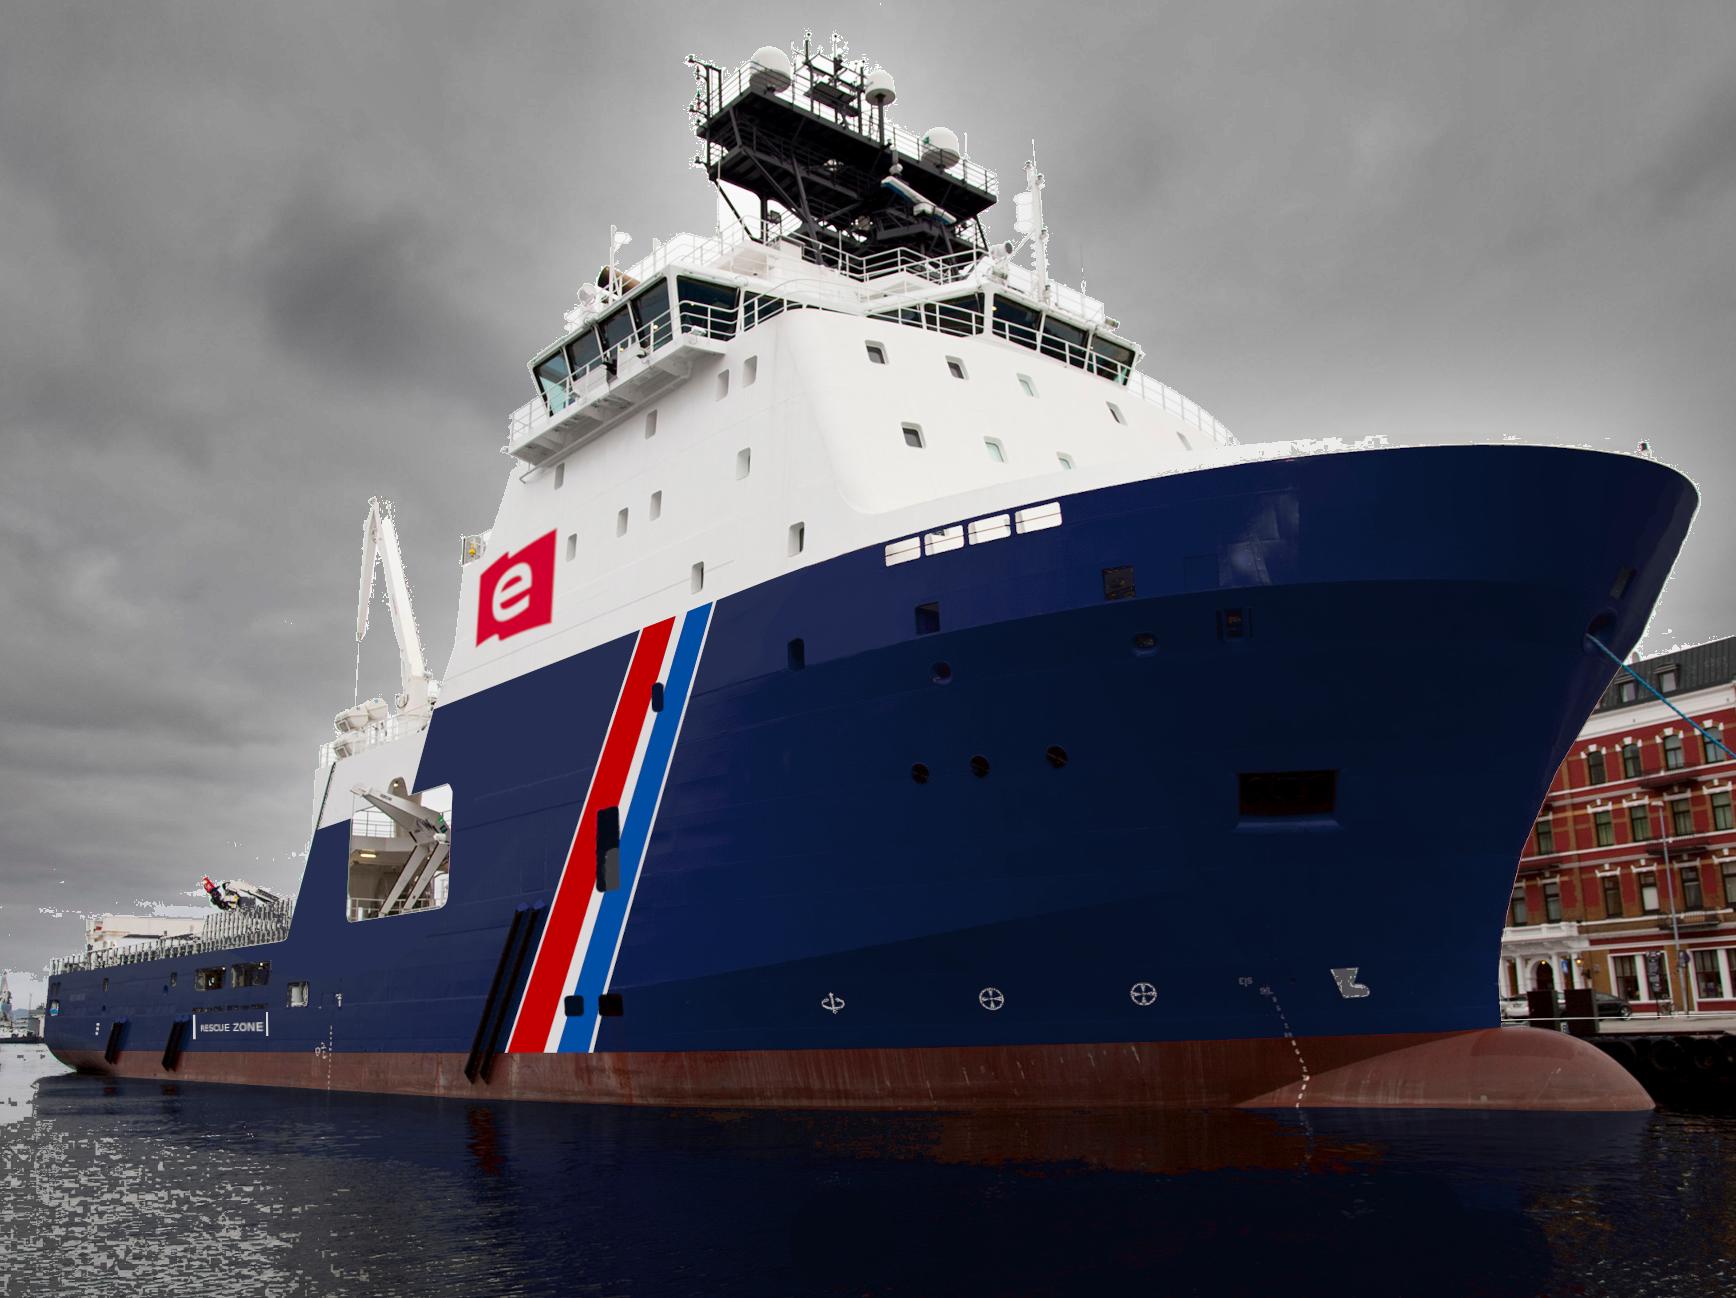 Les Abeilles, société du groupe Econocomremporte l'appel d'offre RIAS conclu pour 10 ans.